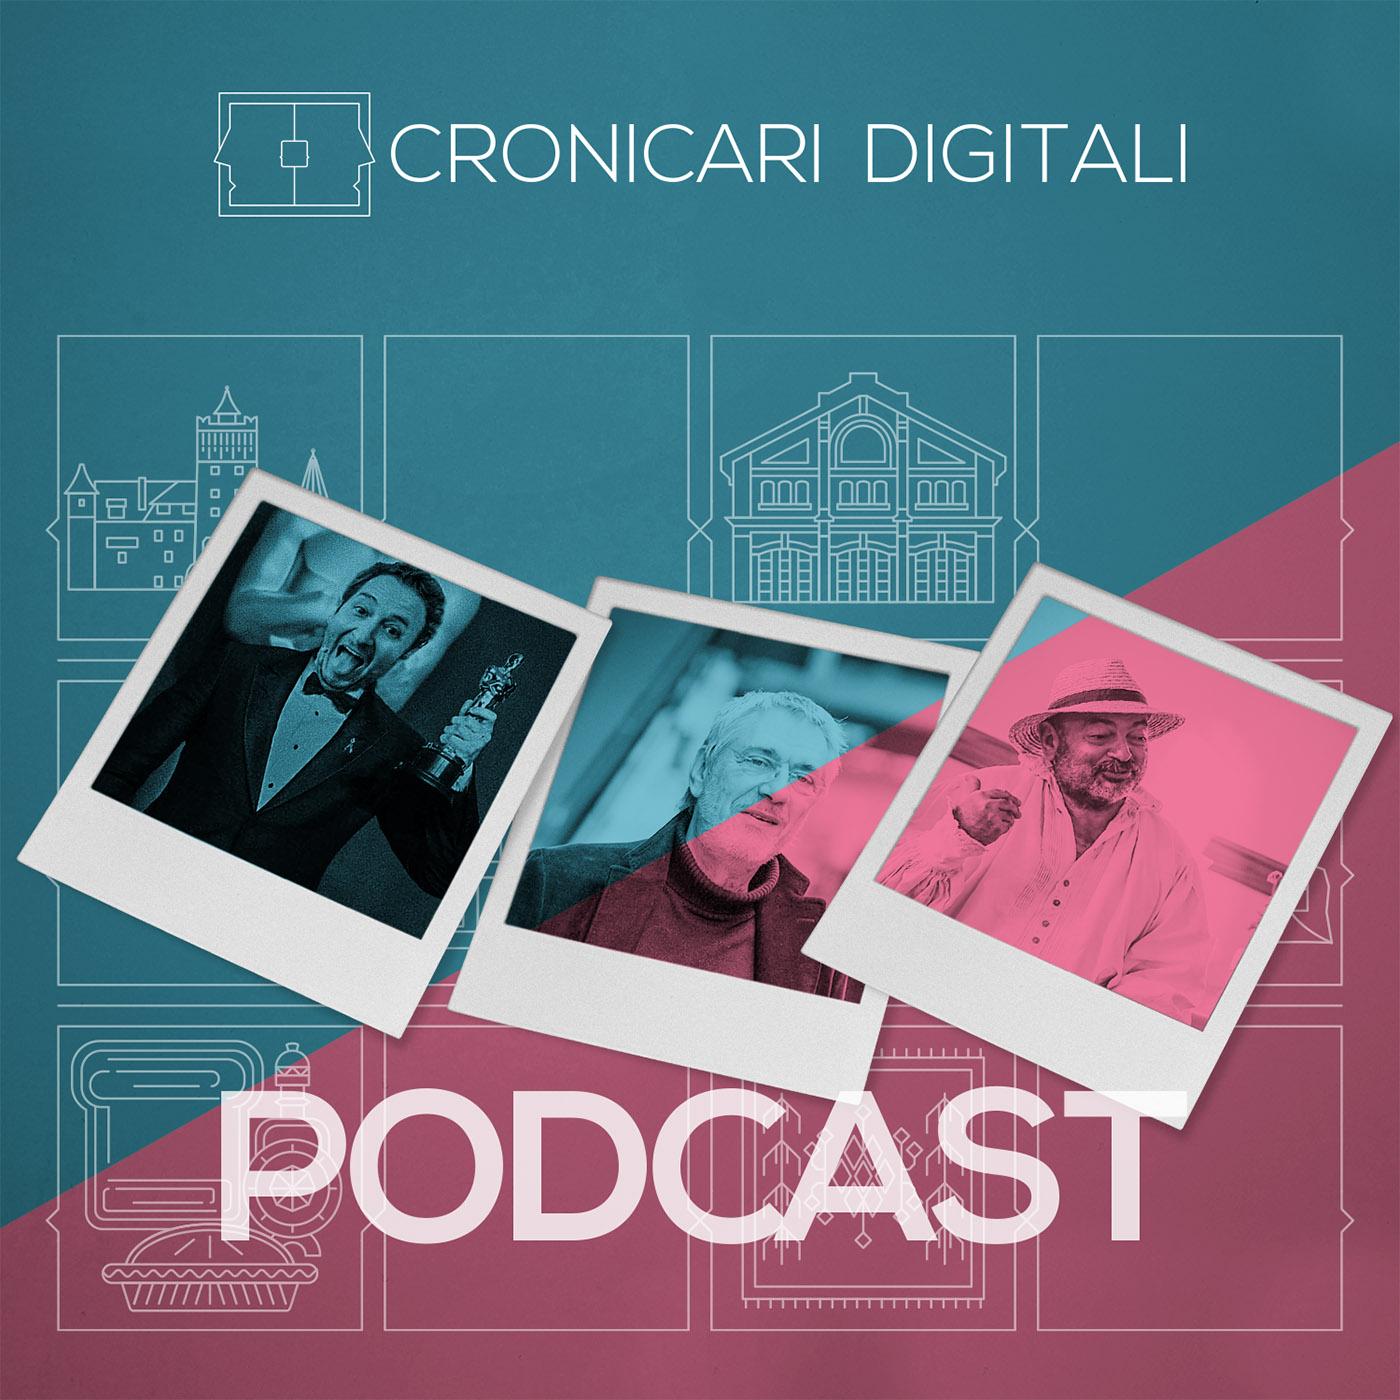 #cronicaridigitali S3 episod 14, Invitați Dan Rădulescu, Marcel Iureș și Mircea Groza